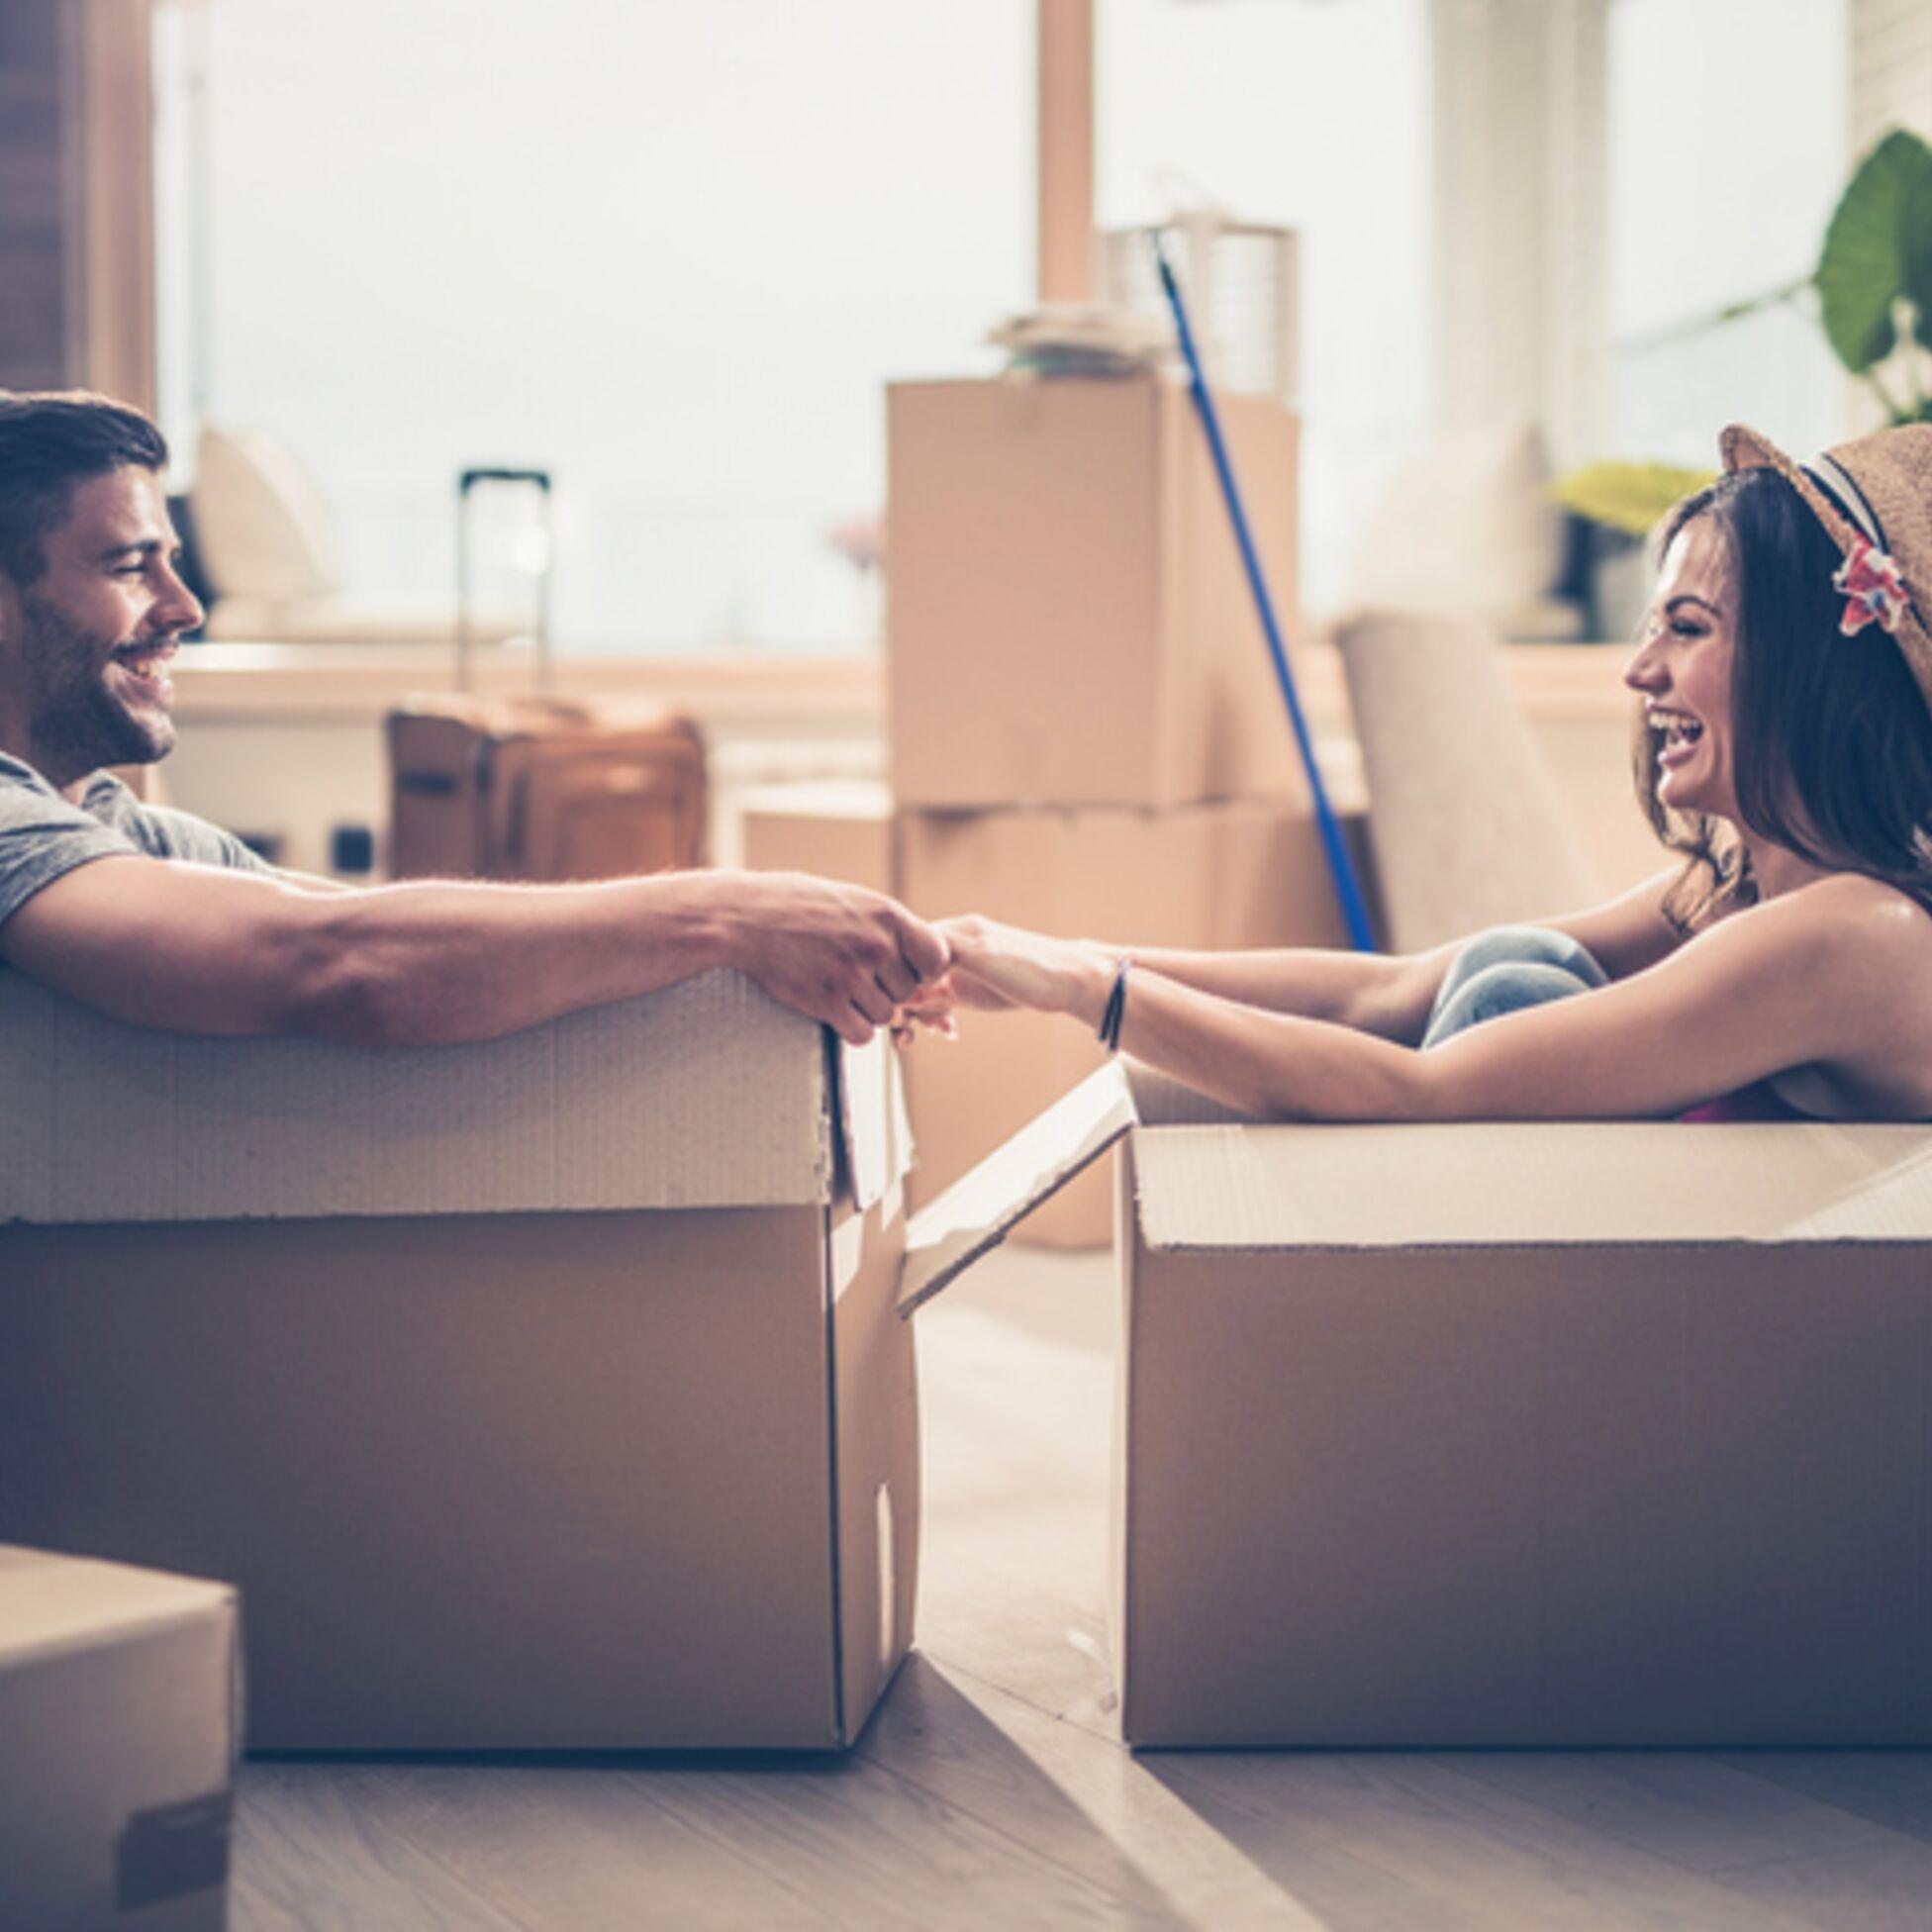 Paar sitzt in Kartons und hält Händchen